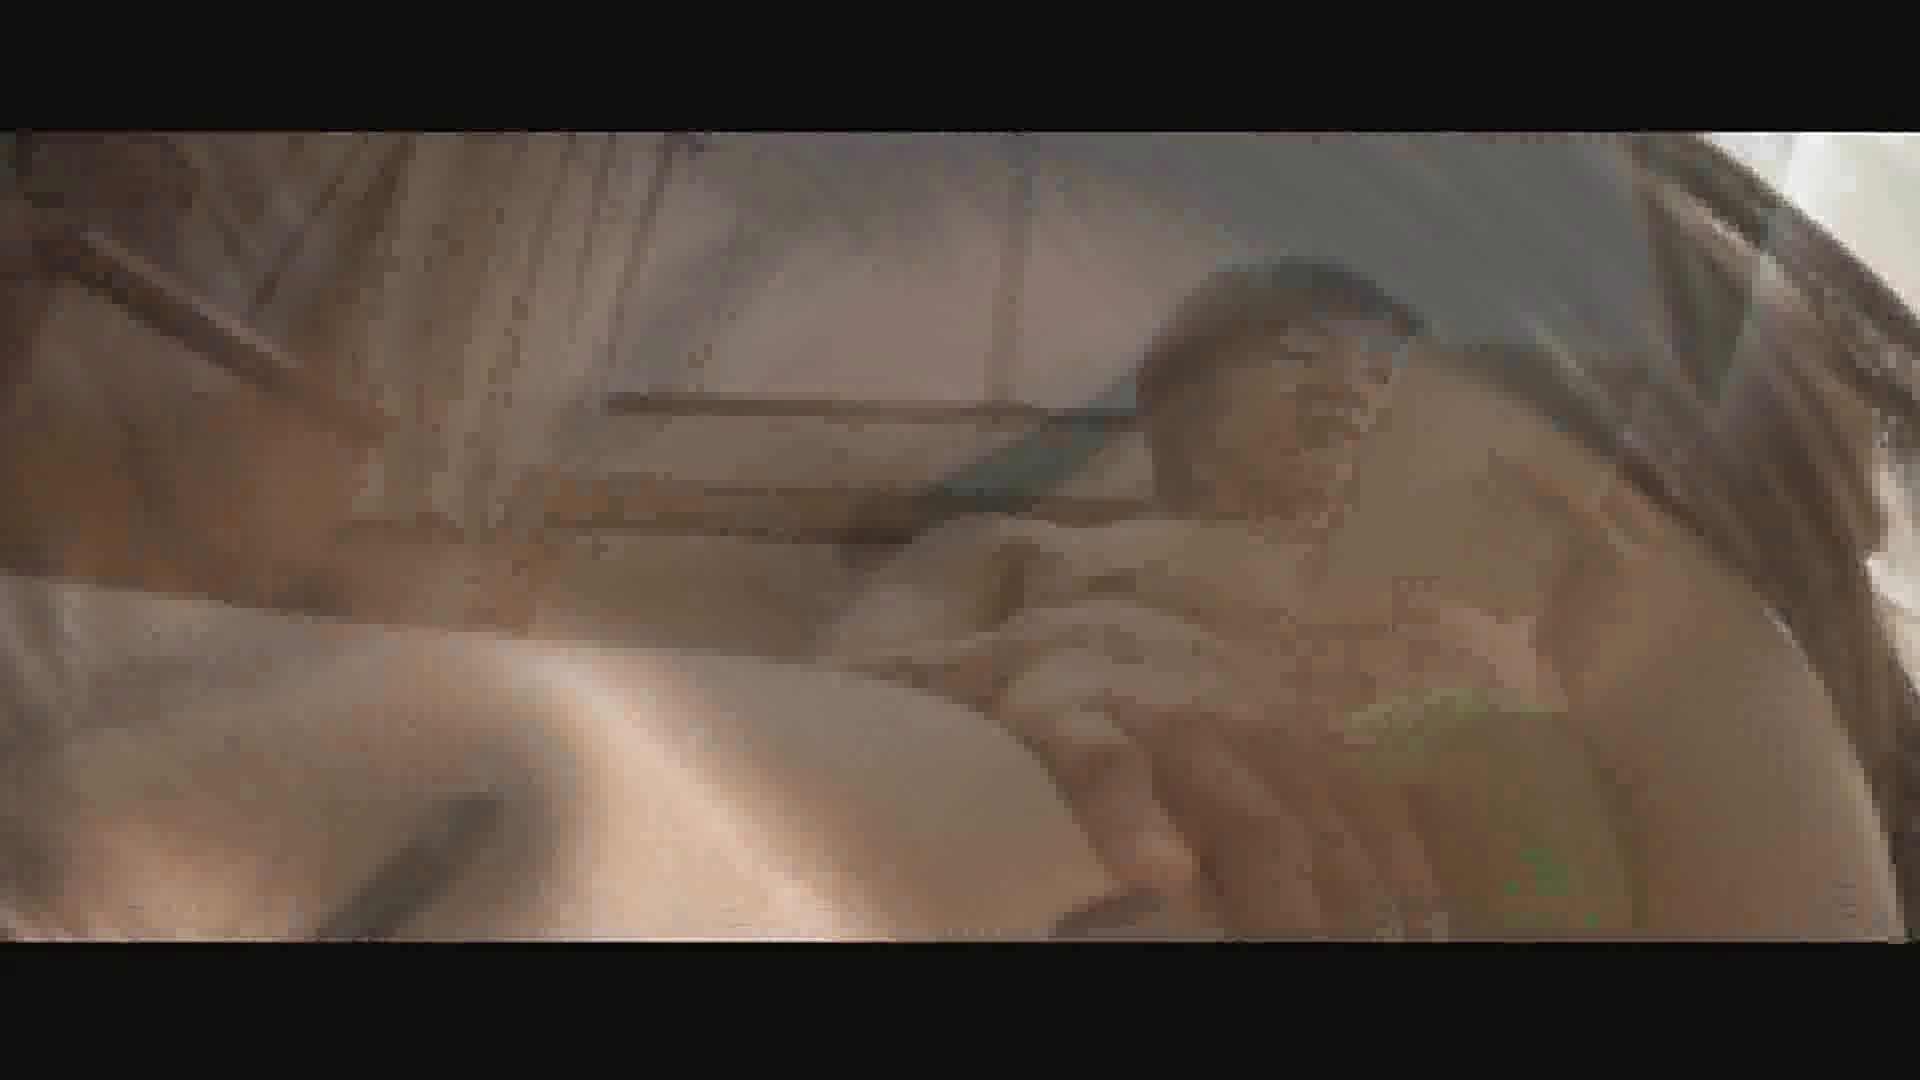 色白イケメン君のセクシーパラダイスムービーショー後編 0 | おもちゃ  110pic 76